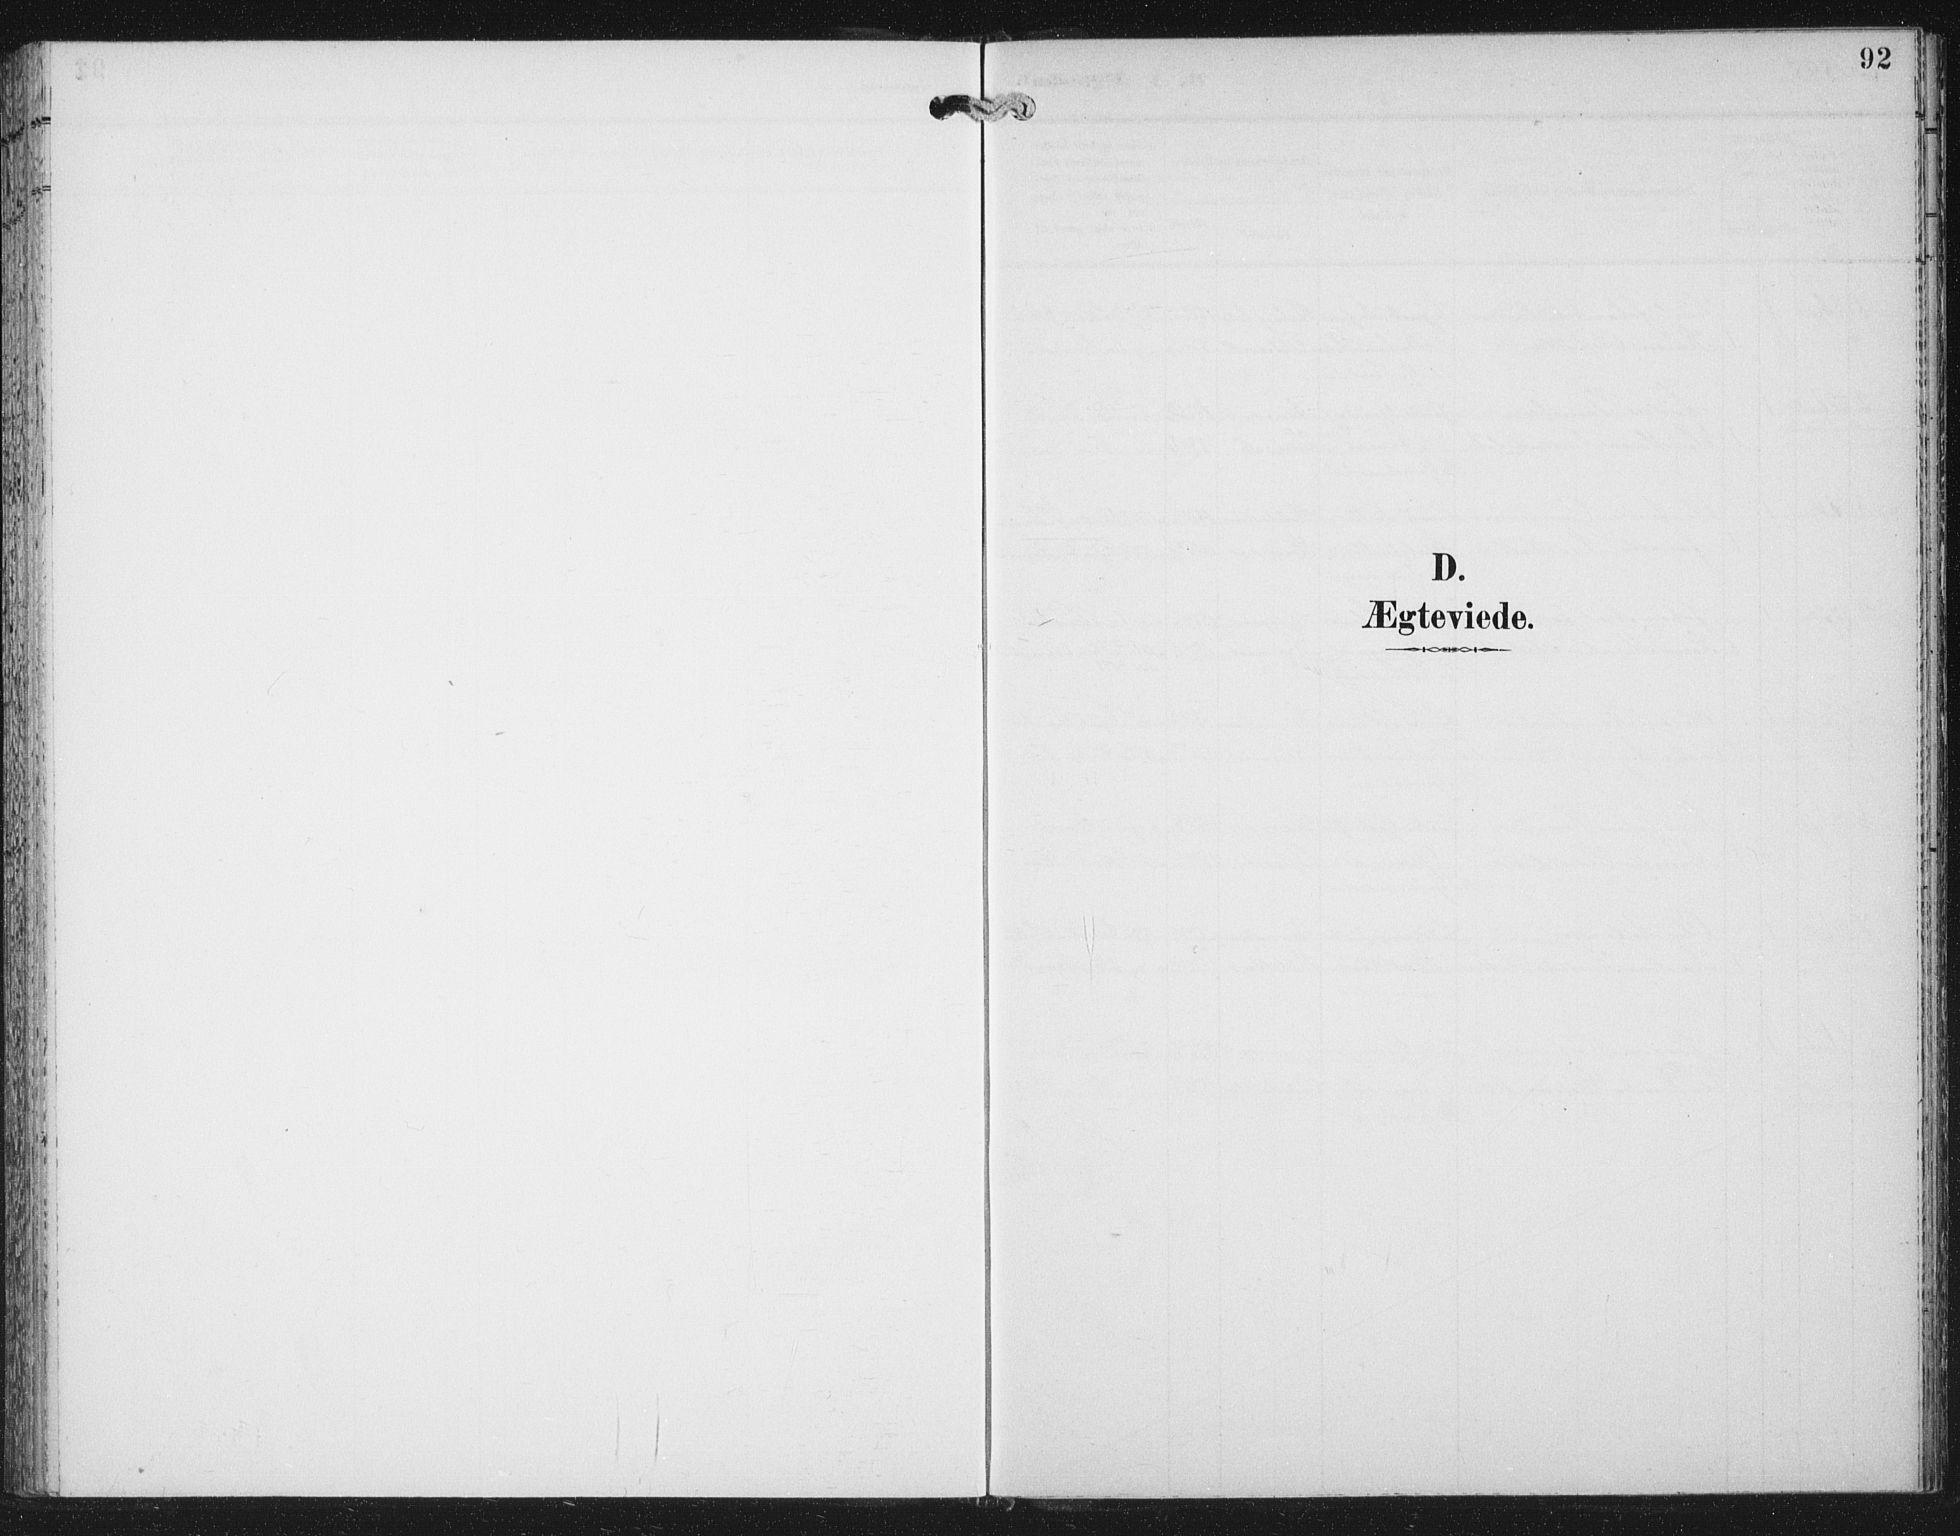 SAT, Ministerialprotokoller, klokkerbøker og fødselsregistre - Nord-Trøndelag, 702/L0024: Parish register (official) no. 702A02, 1898-1914, p. 92